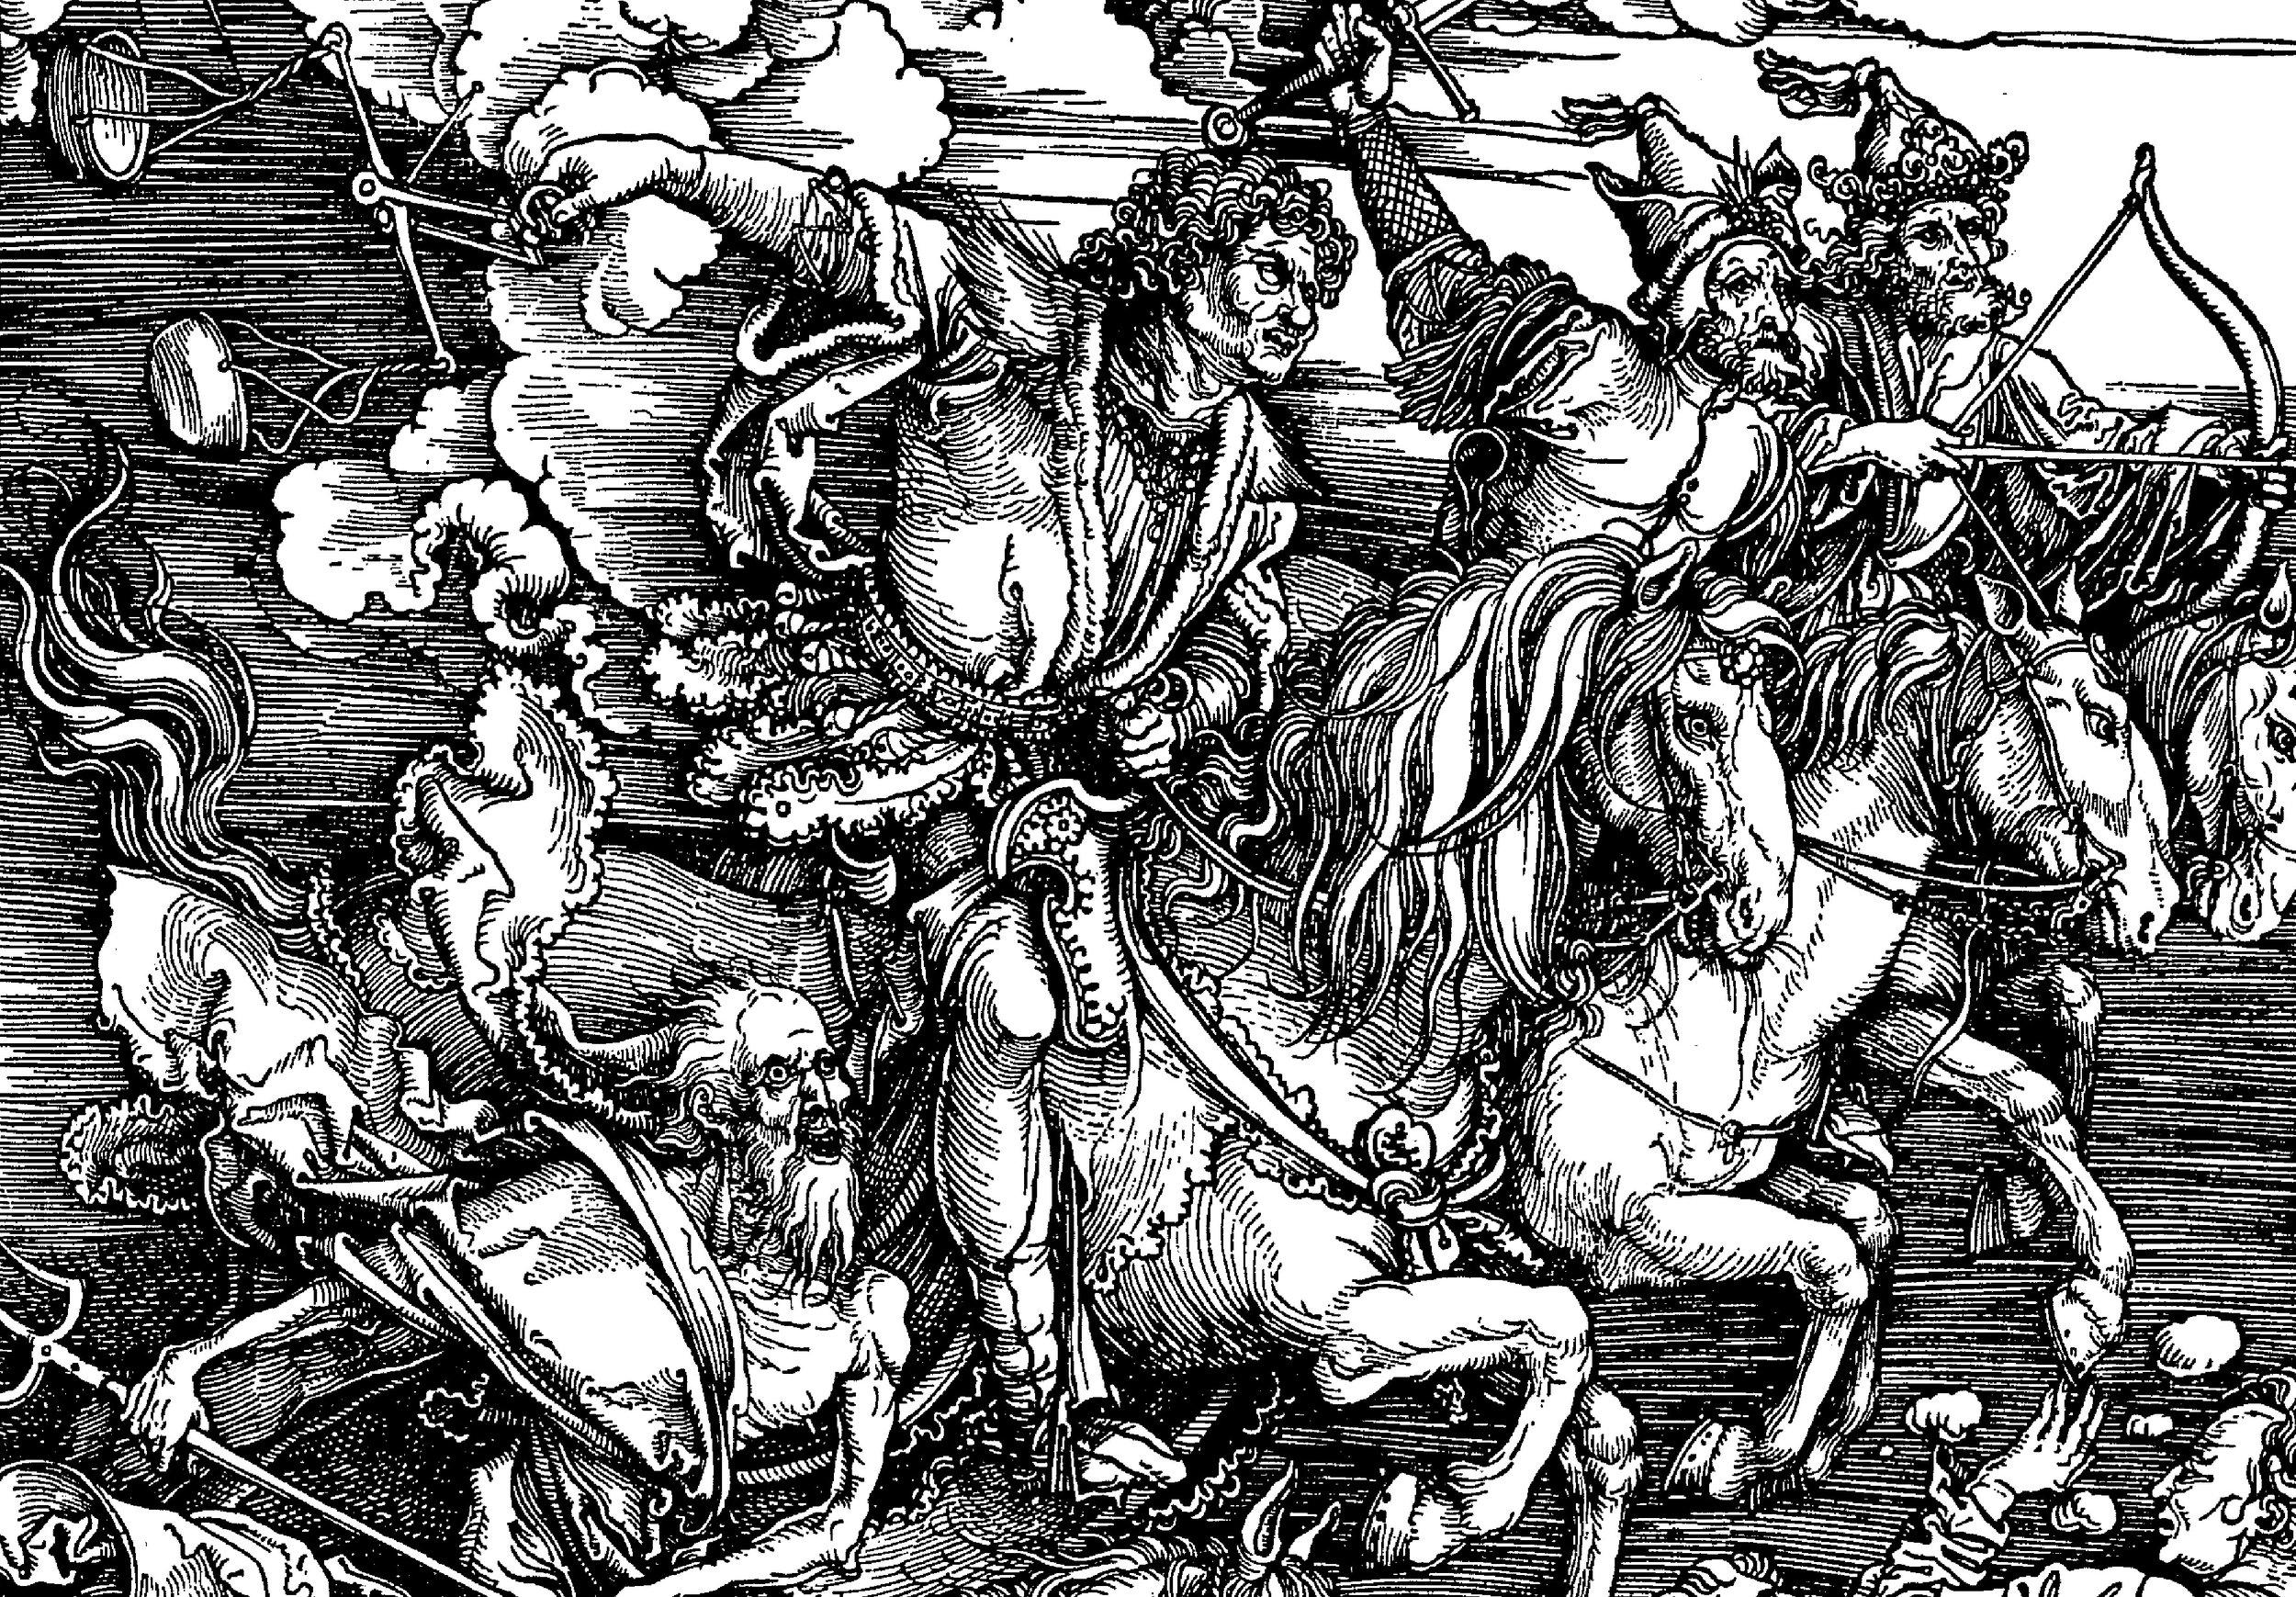 Durer_Revelation_Four_Riders.jpg